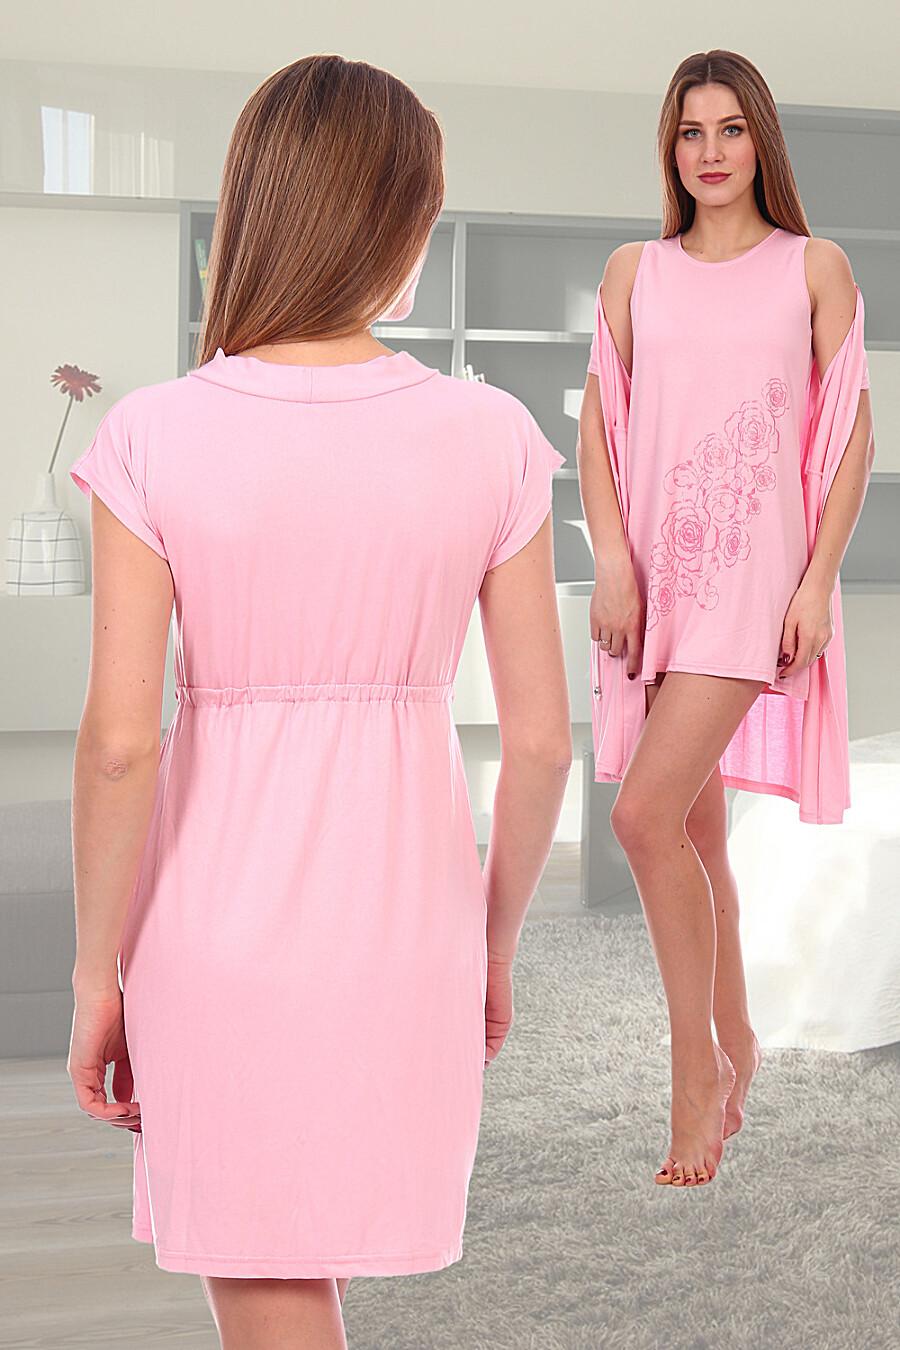 Пеньюар 4153 для женщин НАТАЛИ 288677 купить оптом от производителя. Совместная покупка женской одежды в OptMoyo